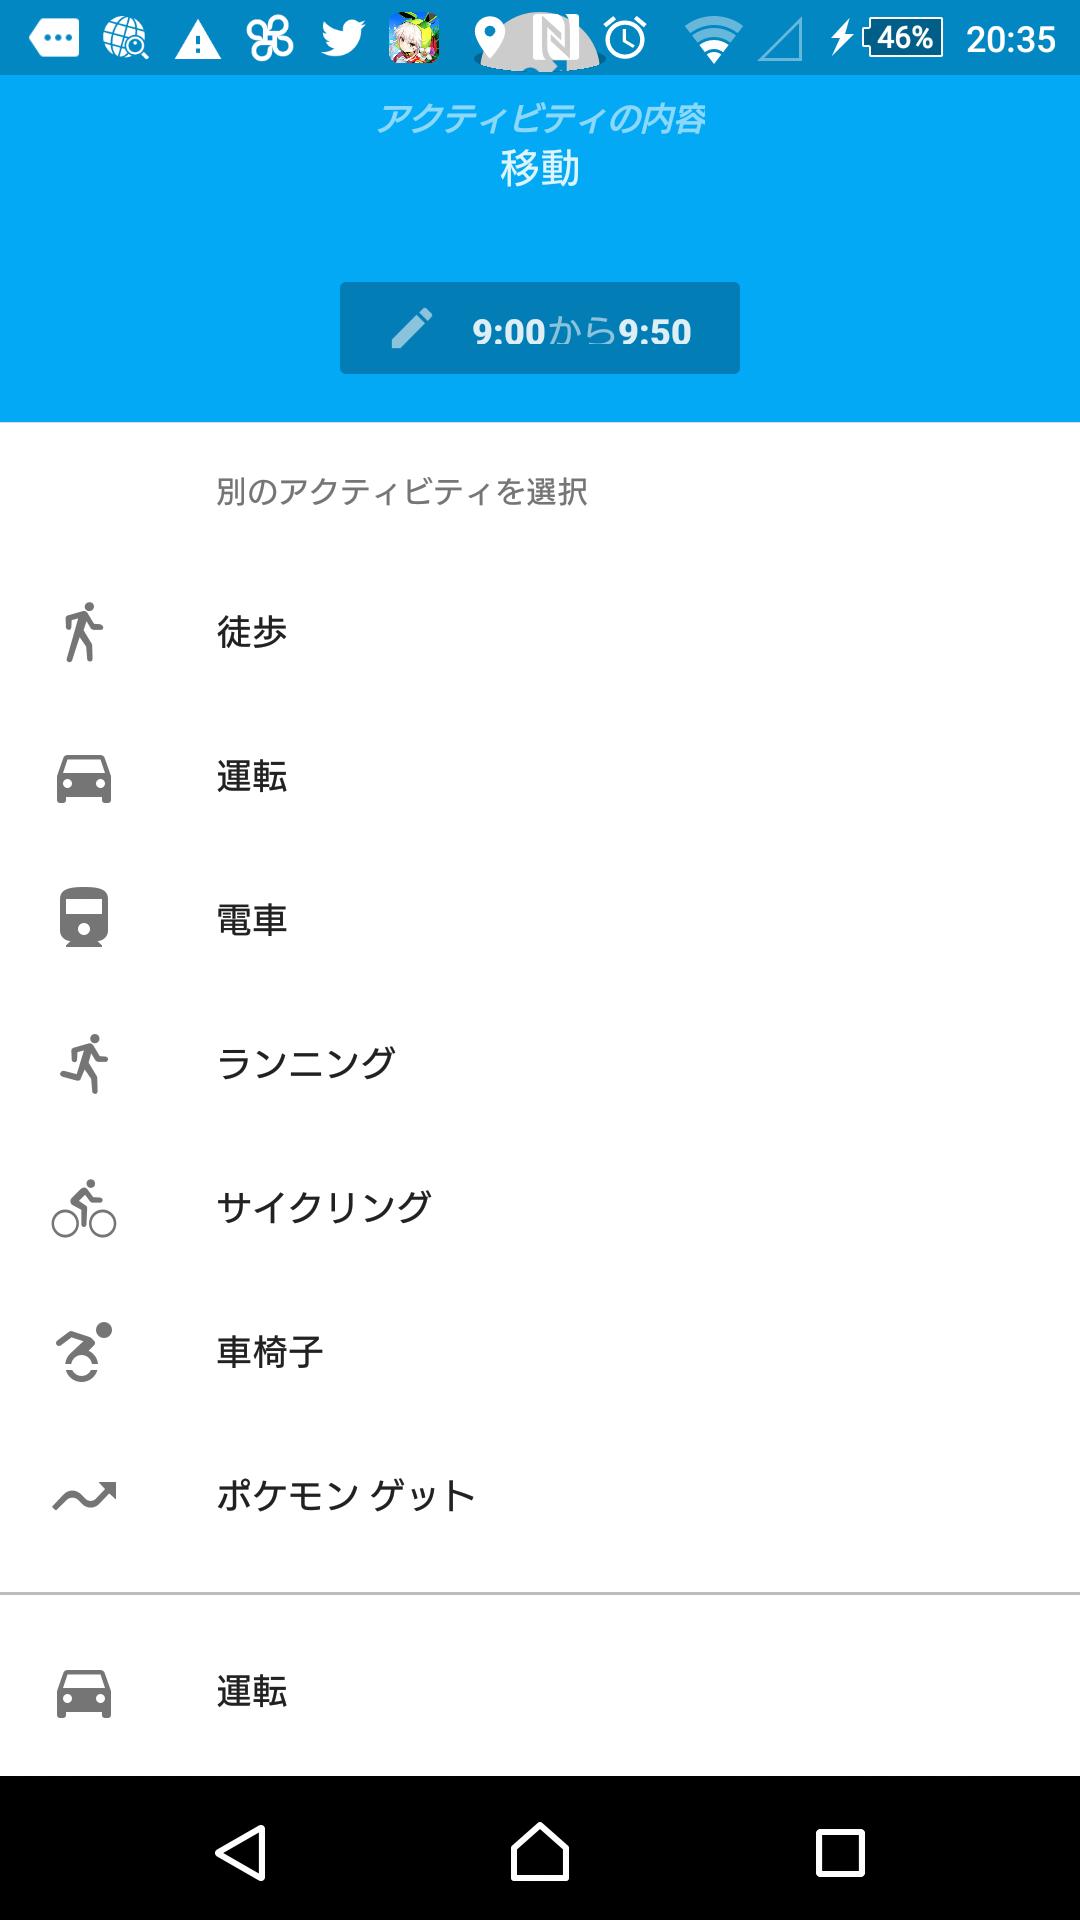 ポケモンgo』googleマップの「タイムライン」で「ポケモンゲット」の